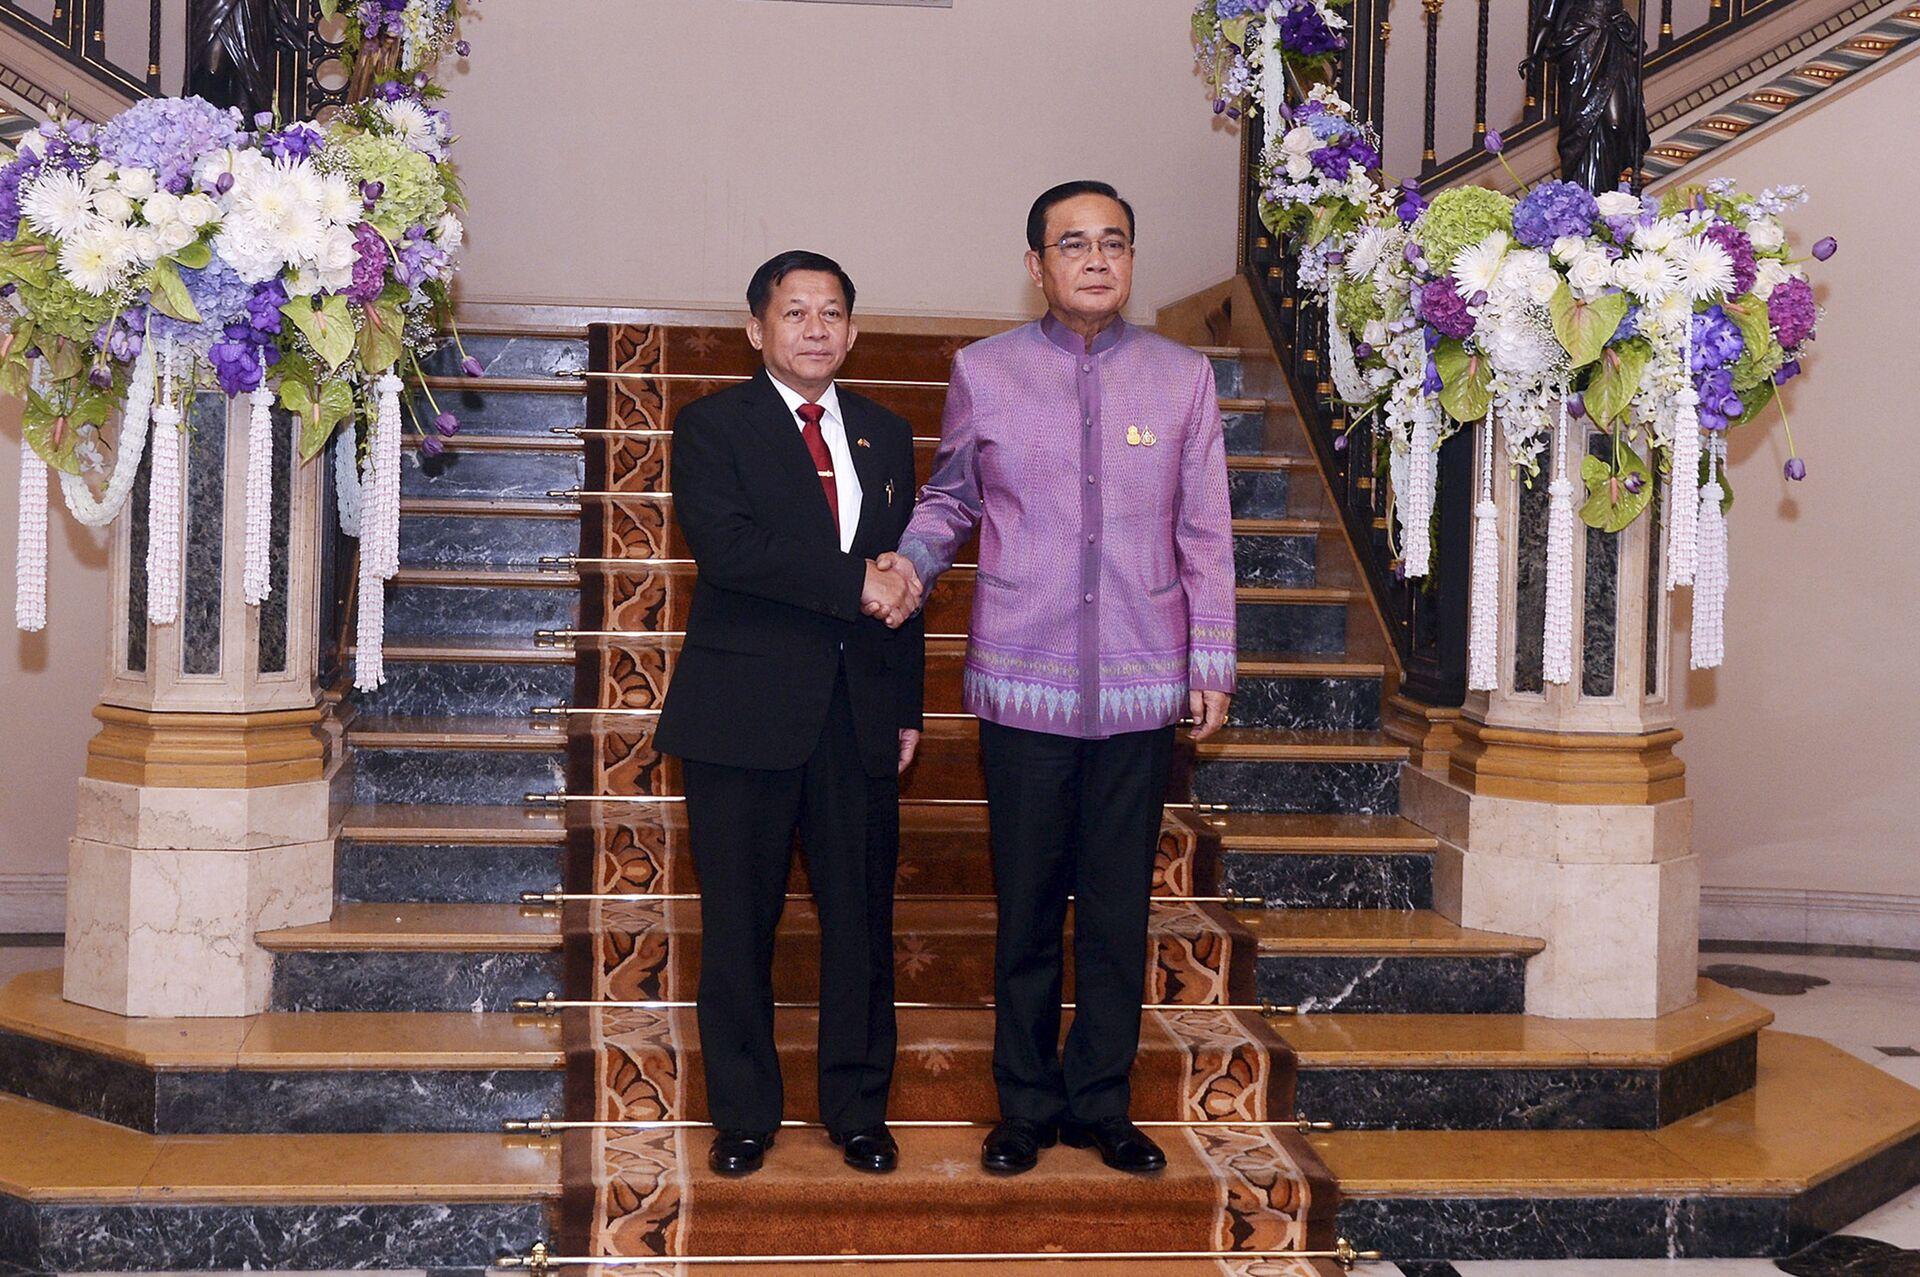 Hội nghị thượng đỉnh ASEAN về Myanmar: Cơ hội giải pháp hay thách thức cho Hiệp hội? - Sputnik Việt Nam, 1920, 22.04.2021